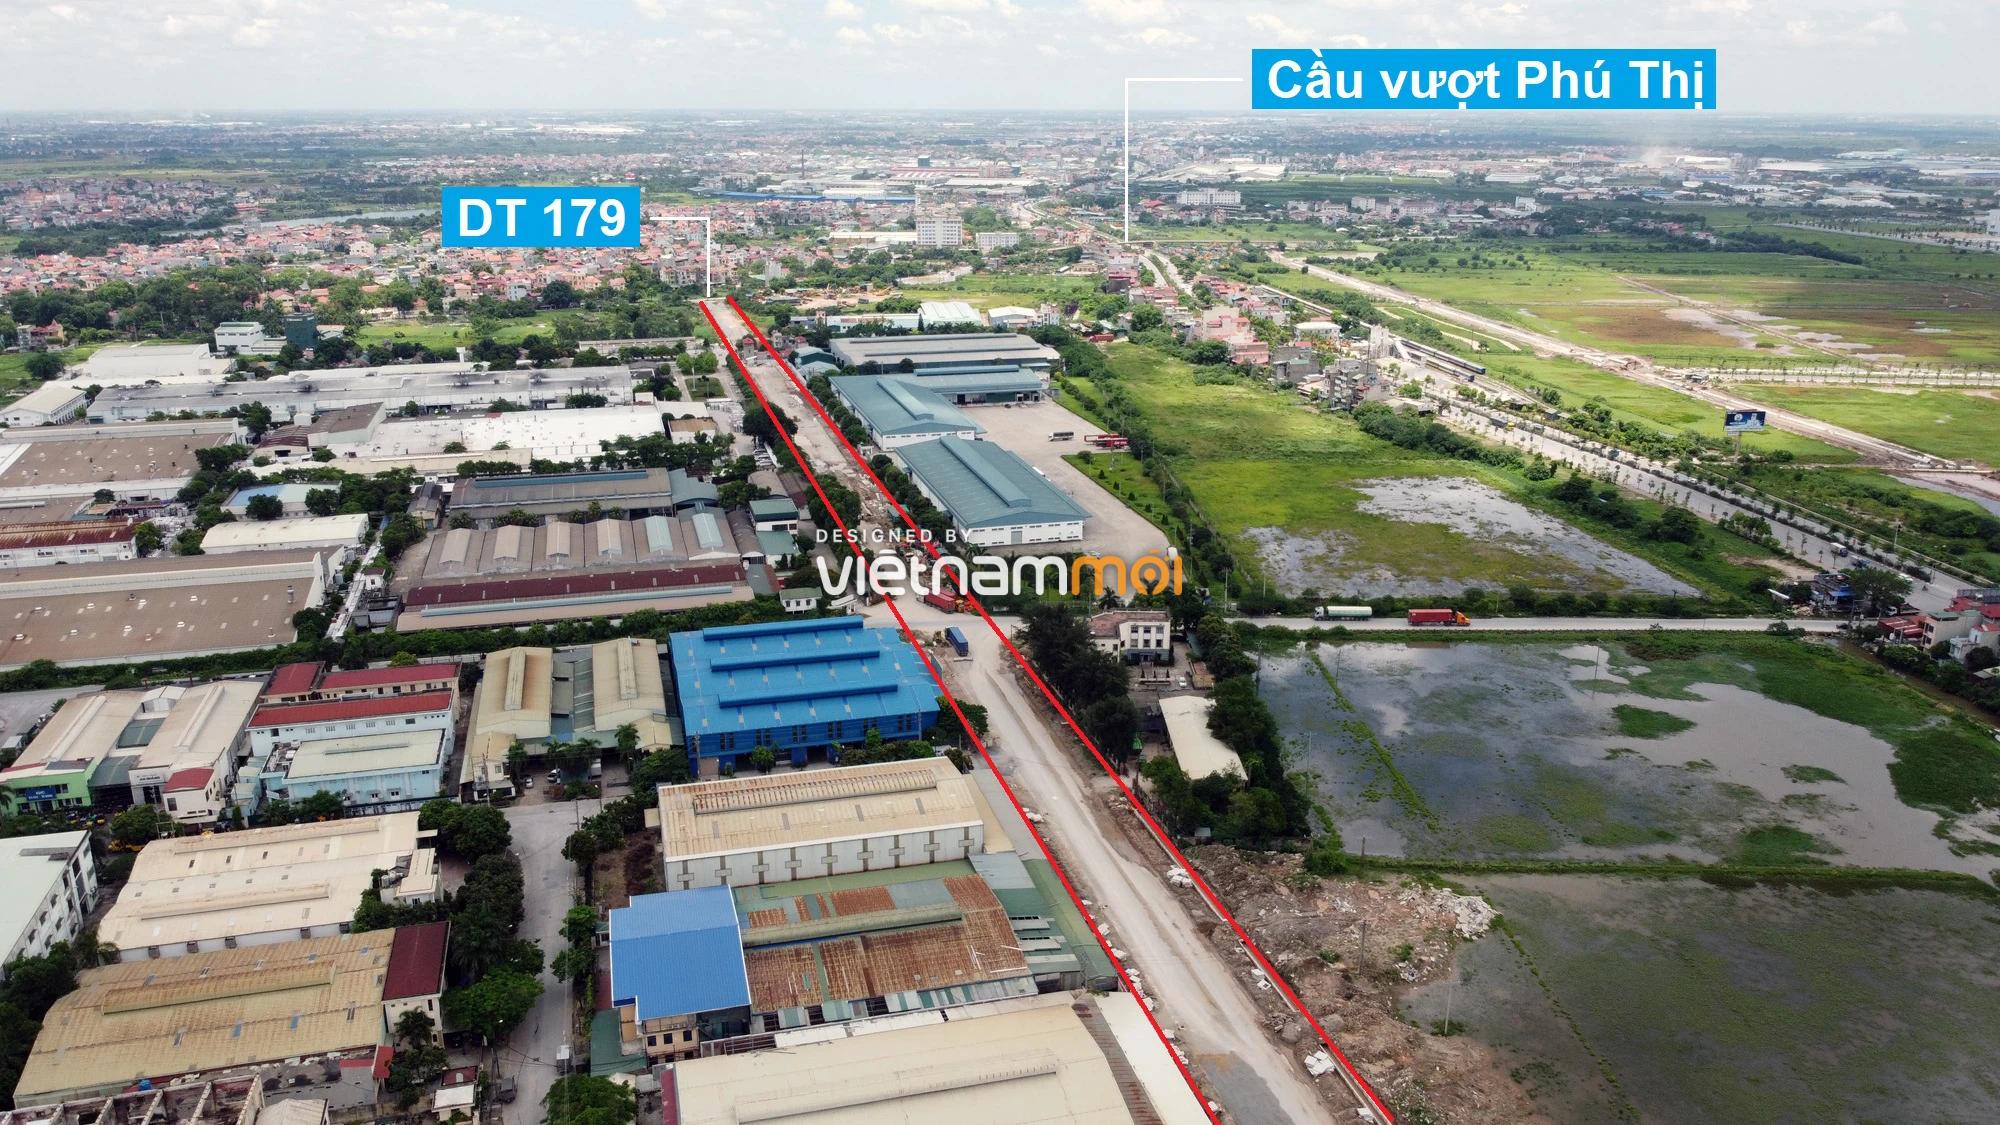 Toàn cảnh tuyến đường từ KĐT Đặng Xá đến chân cầu vượt Phú Thị đang mở theo quy hoạch ở Hà Nội - Ảnh 5.